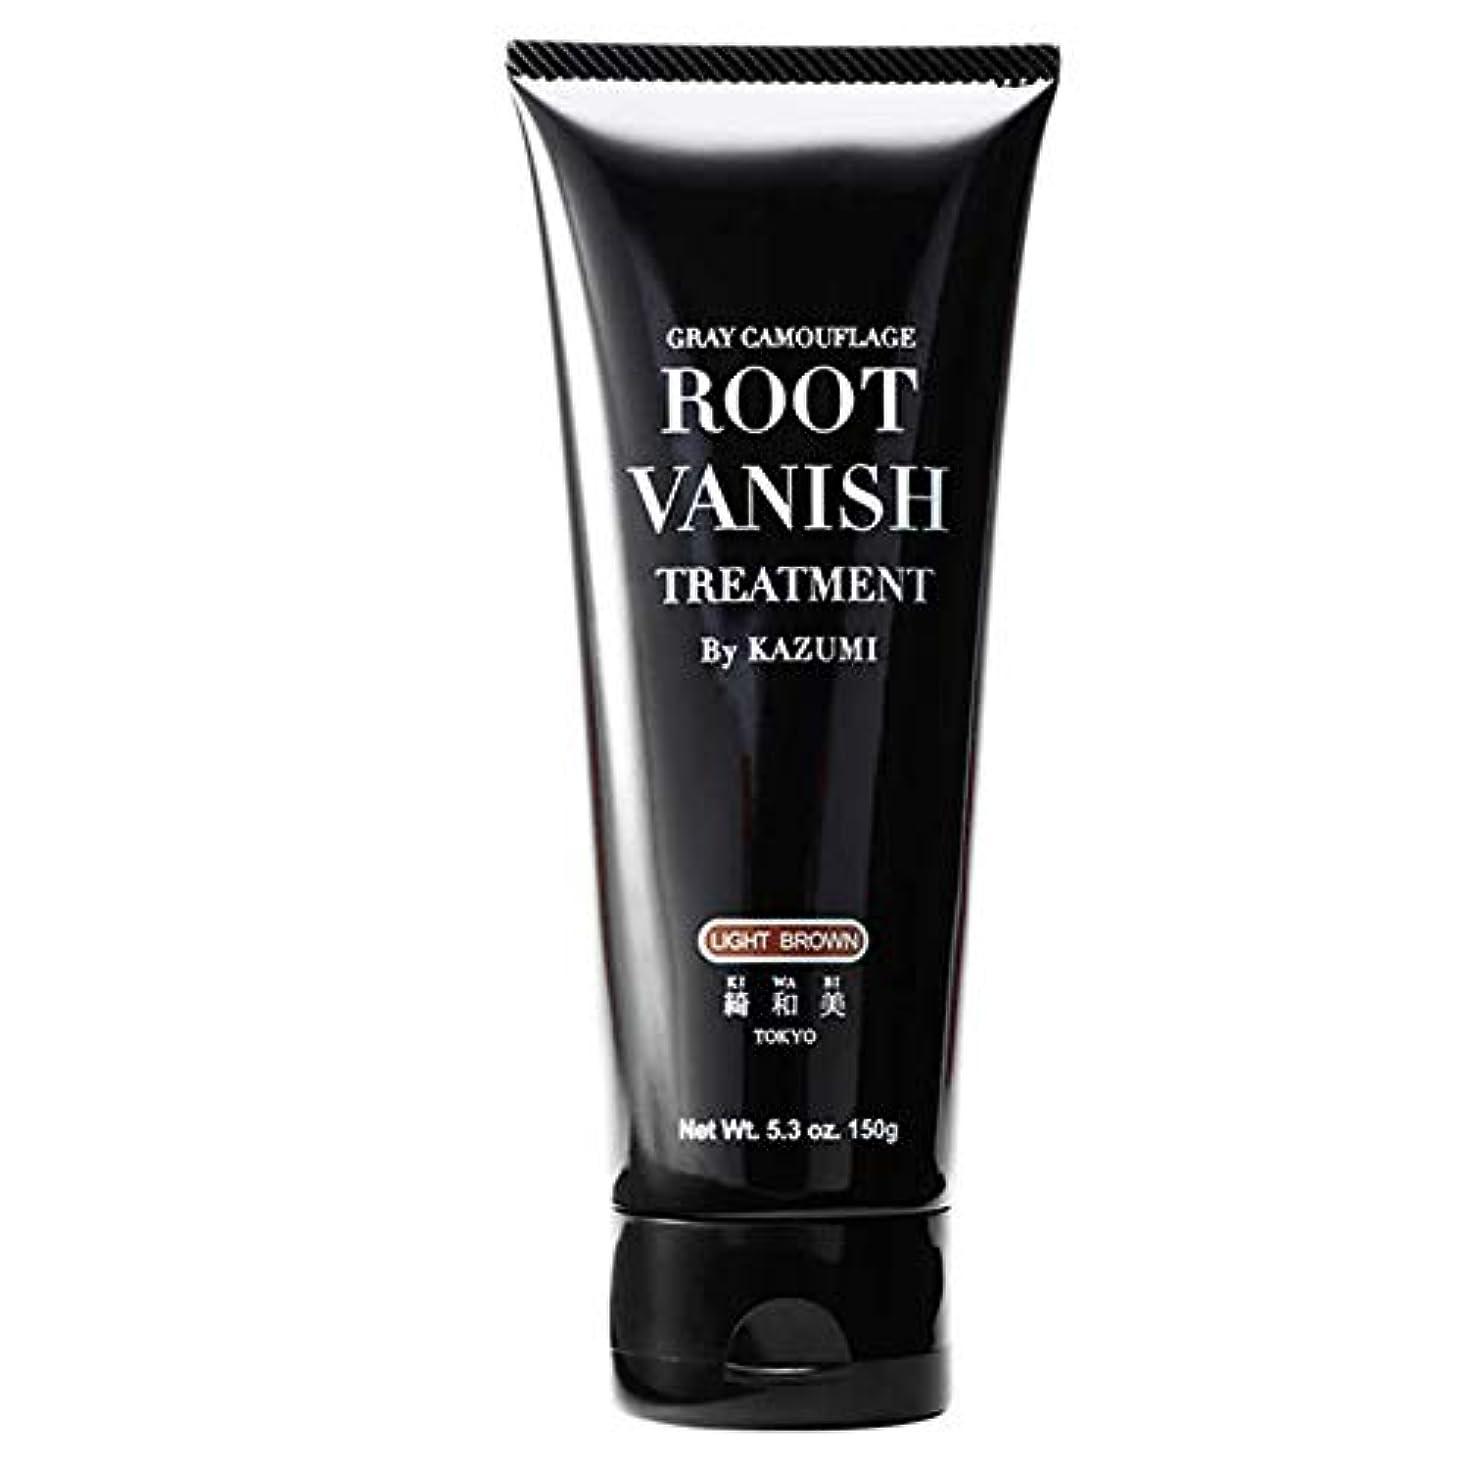 ビリー道路を作るプロセス出発するRoot Vanish 白髪染め (ライトブラウン) ヘアカラートリートメント 女性用 [100%天然成分 / 無添加22種類の植物エキス配合]